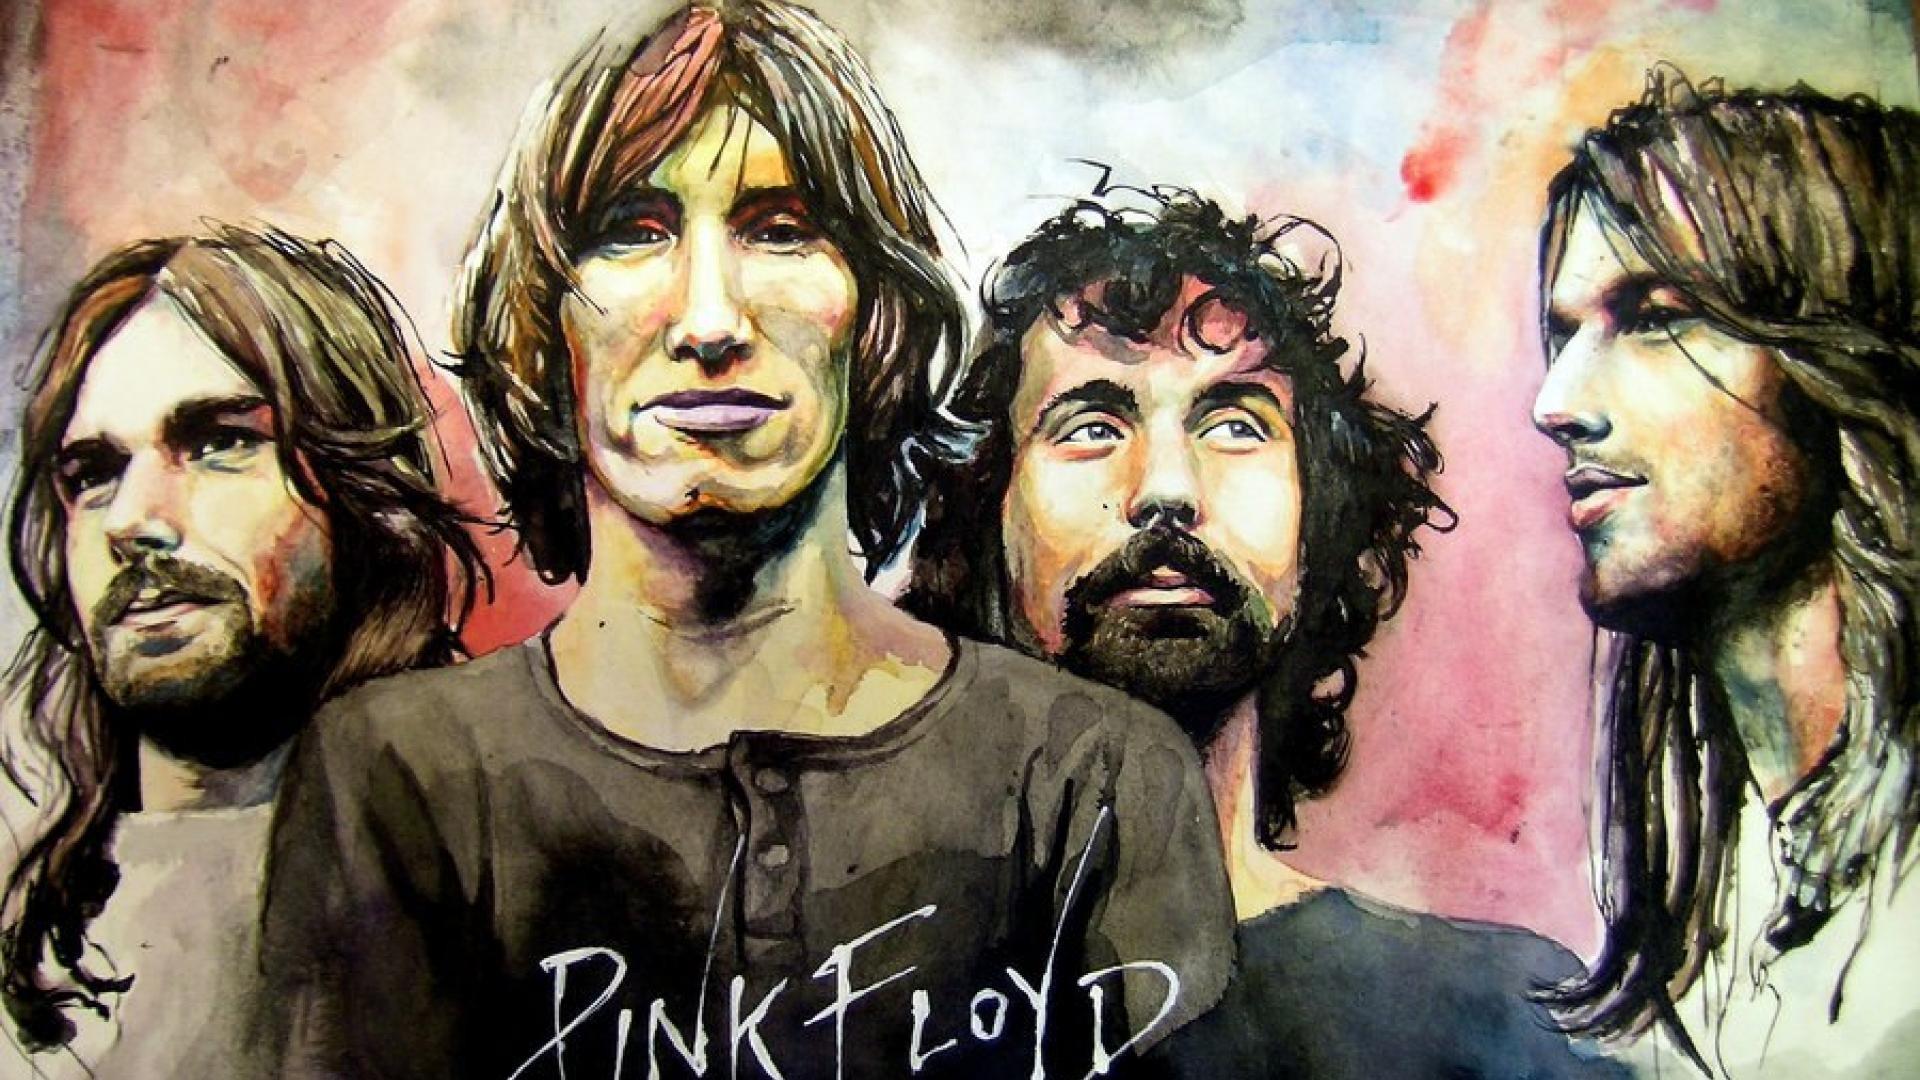 Pink floyd music bands artwork wallpaper | | 121950 | WallpaperUP